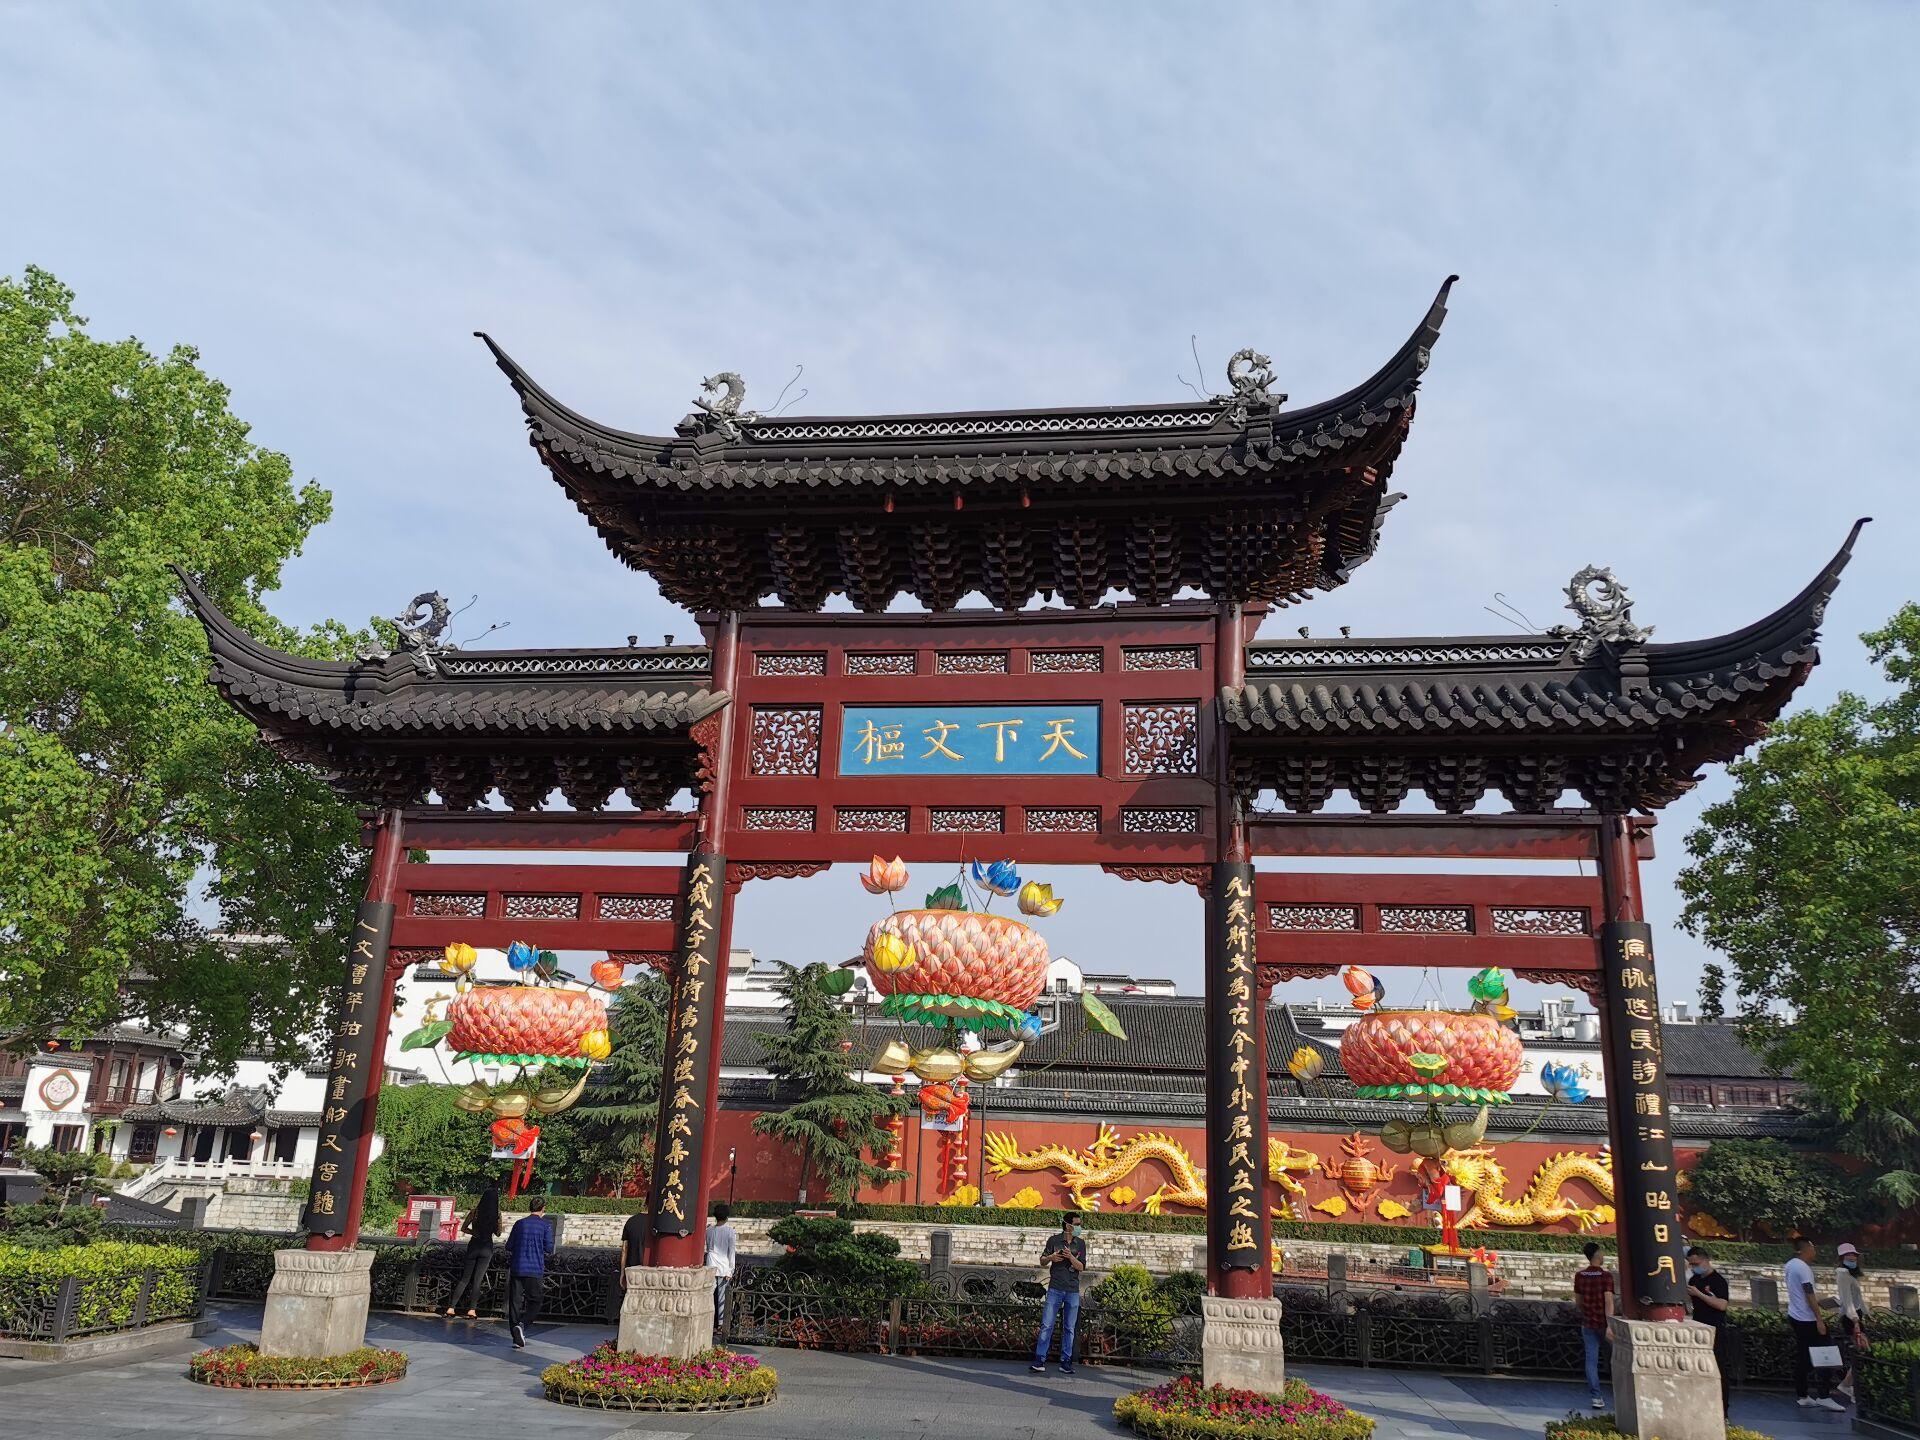 南京夫子庙商业区掠影11.jpg